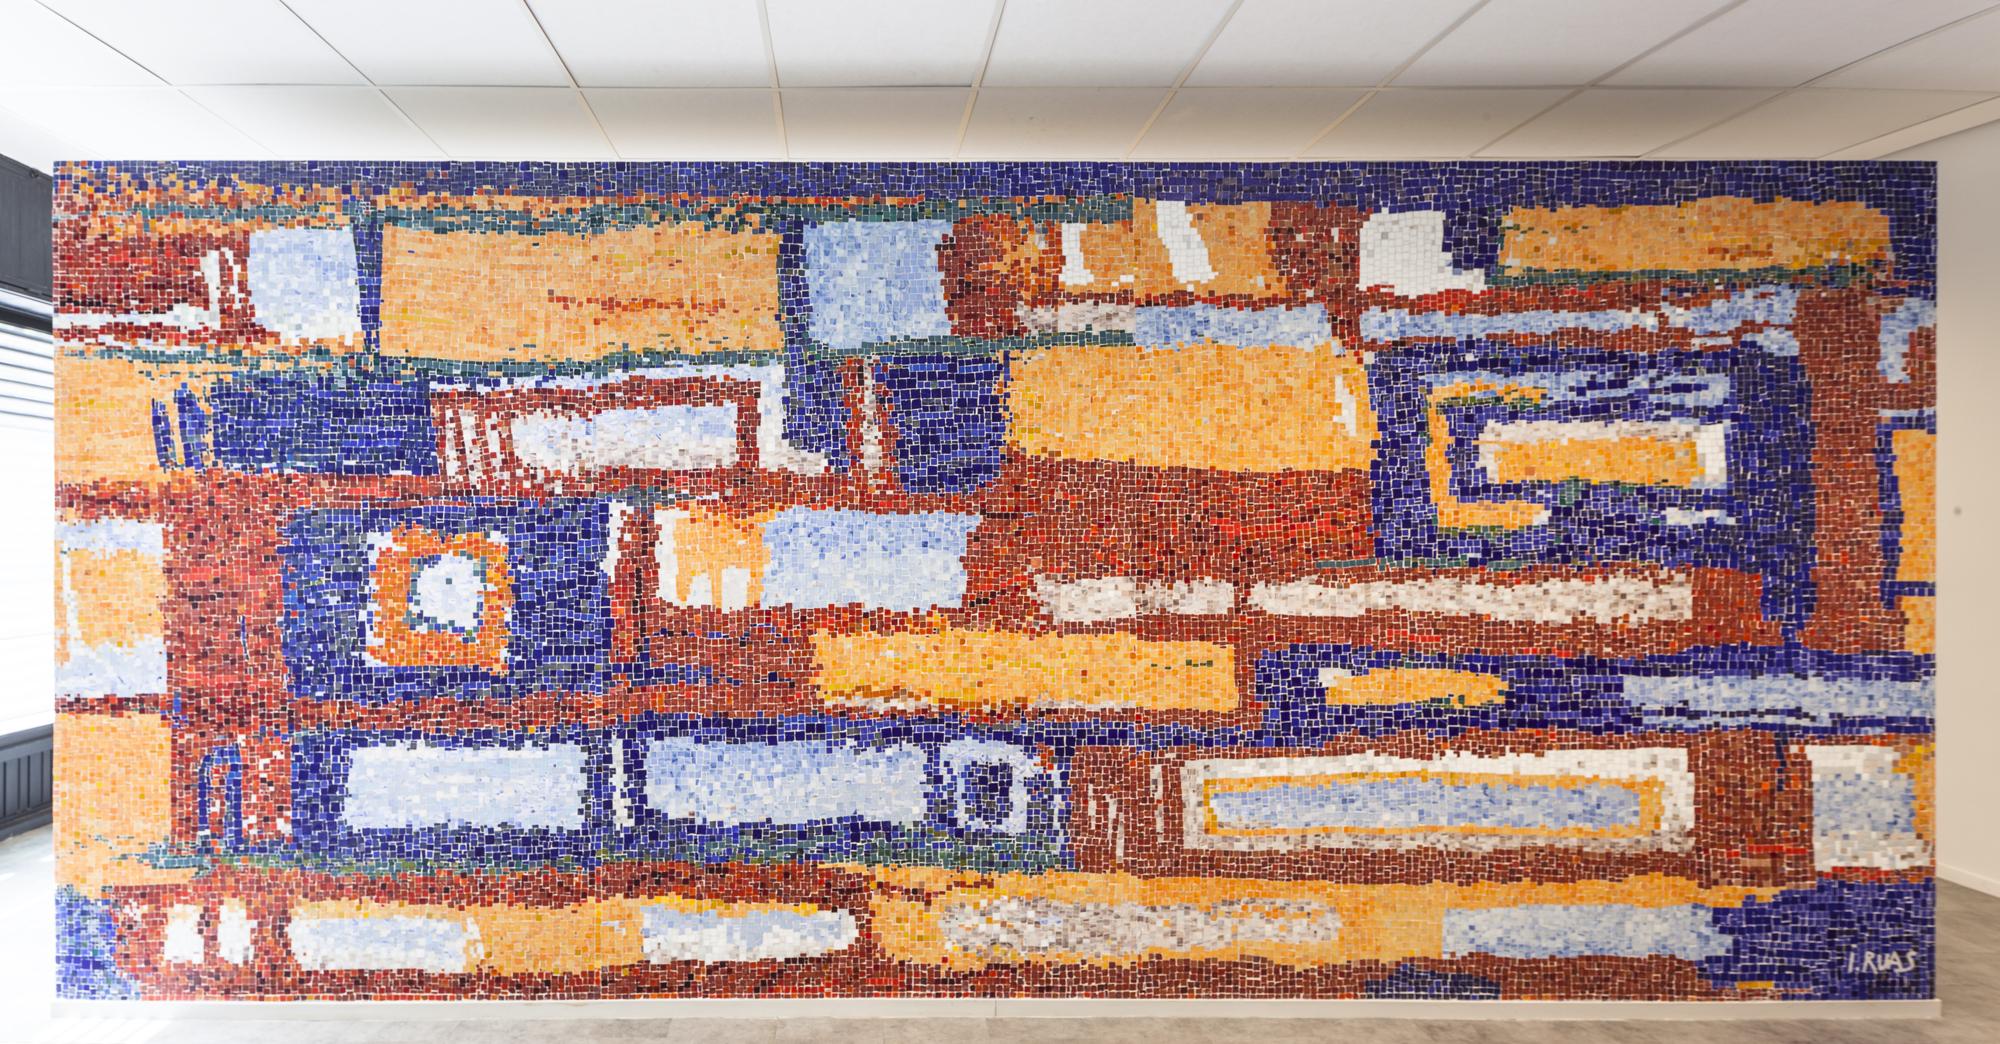 Glass Tesserae Panel, painel da Oficina de Mosaicos: foto exibe painel colorido e abstrato com formatos geométricos retangulares em tons de laranja, vermelho, bege e azul.